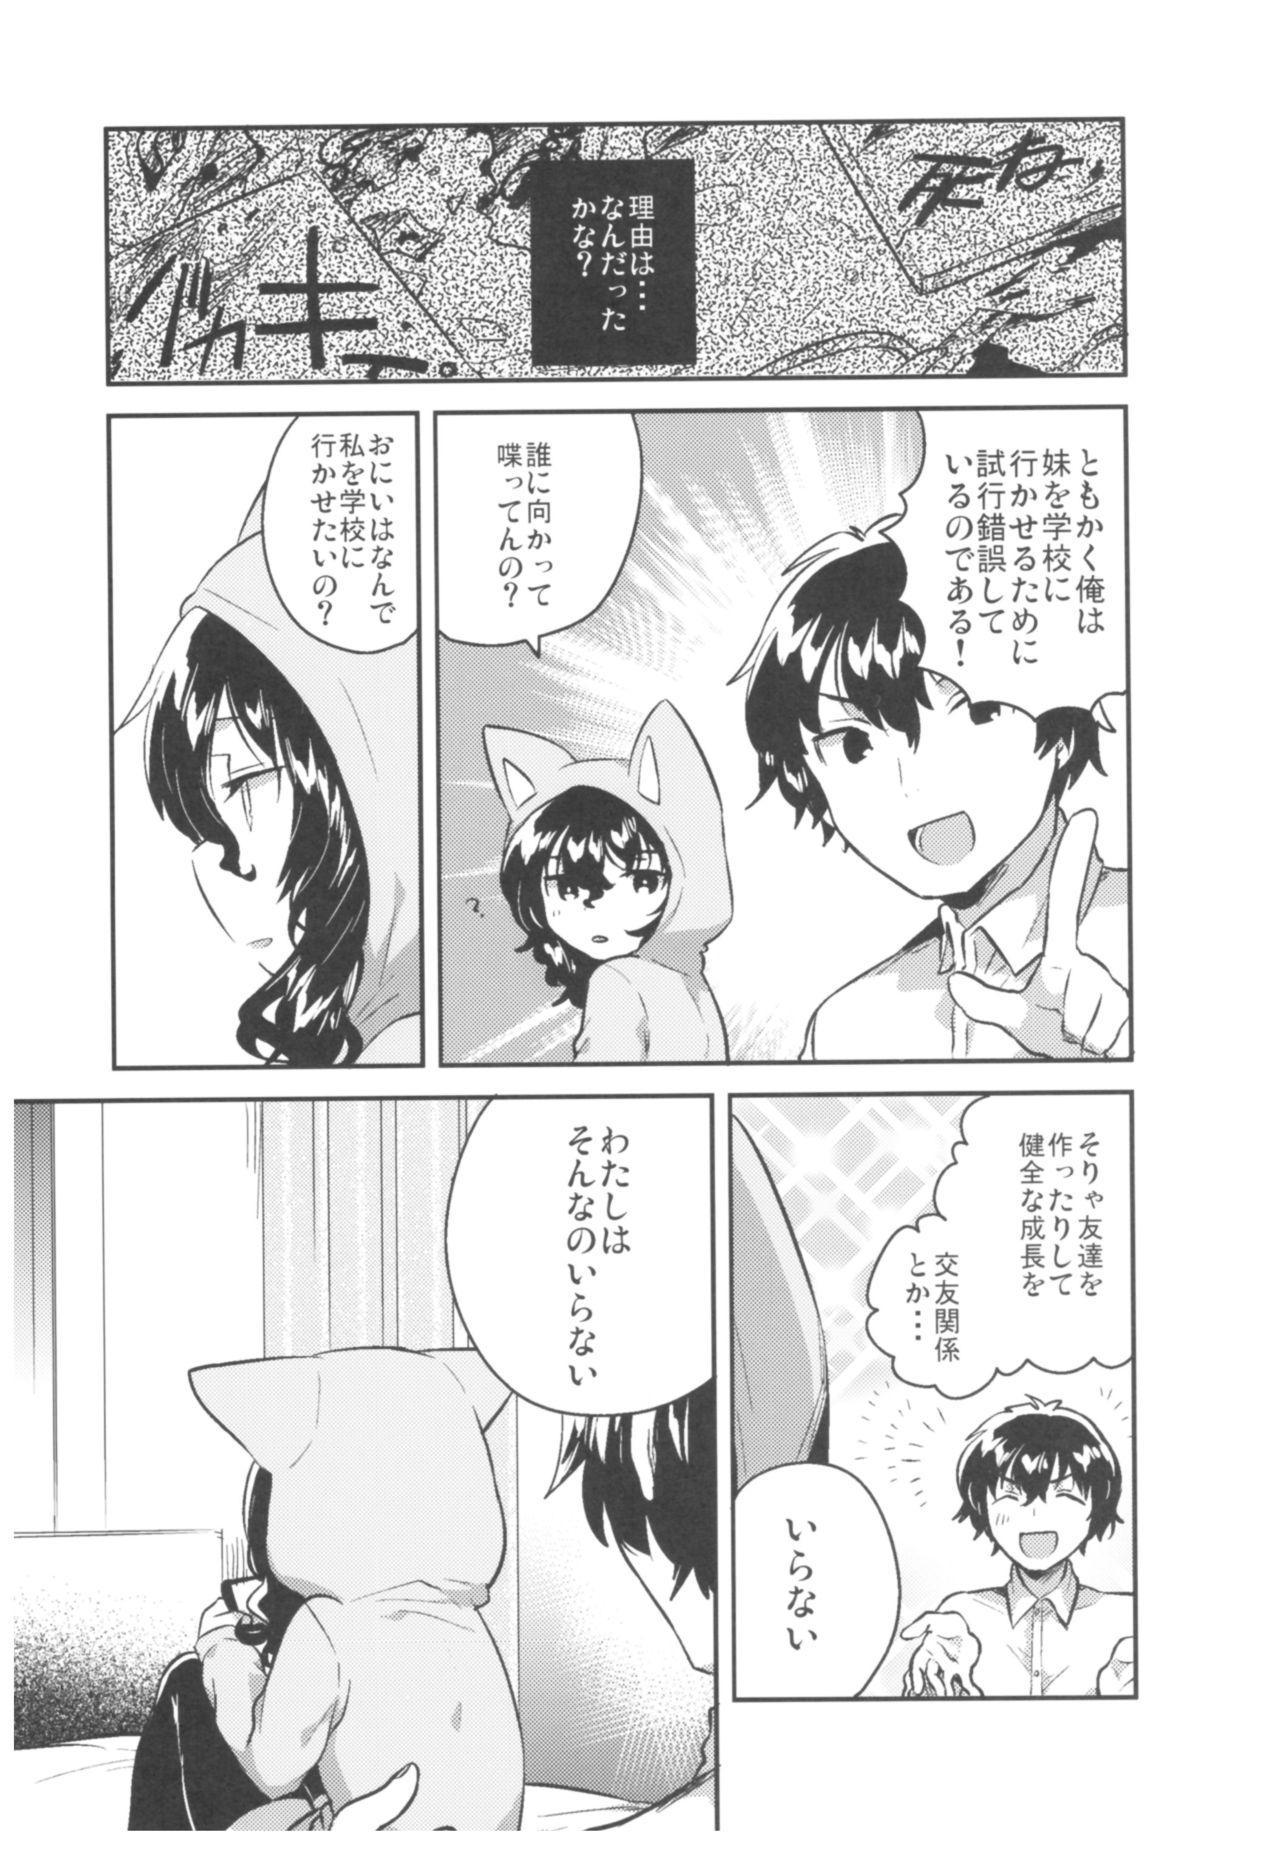 Imouto wa Hikikomori 4